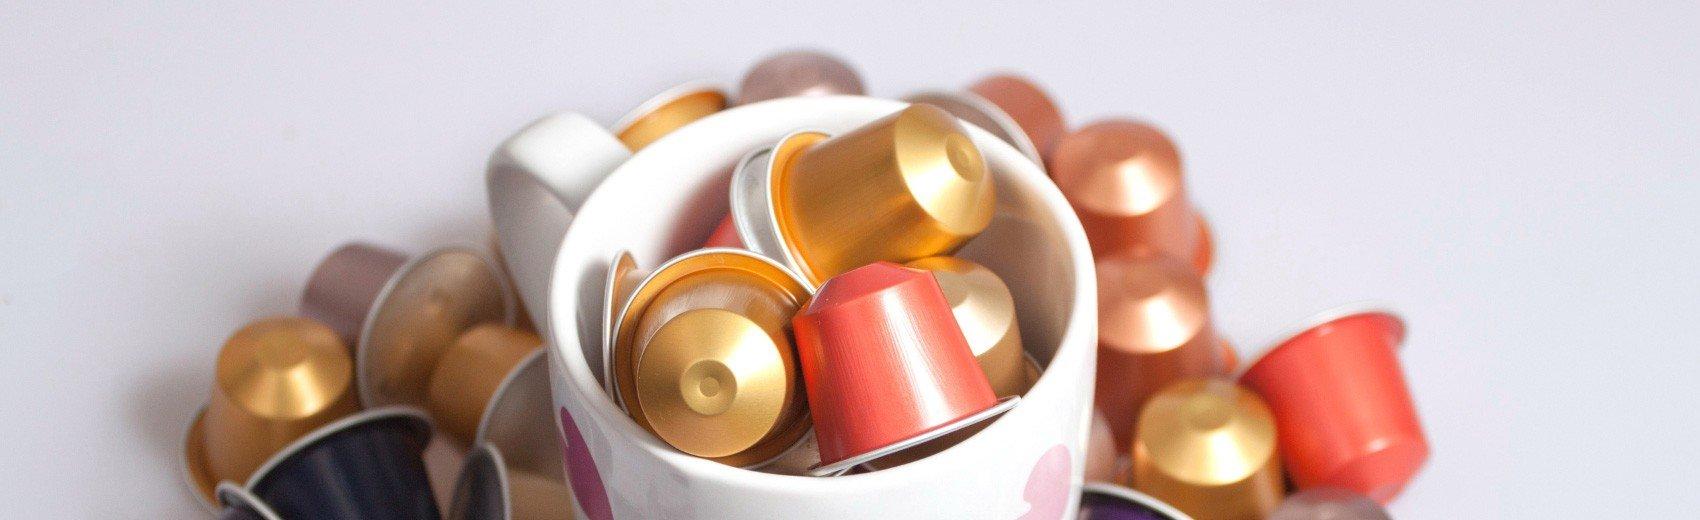 Caffè Castroni - Capsule compatibili con macchine da caffè Nespresso